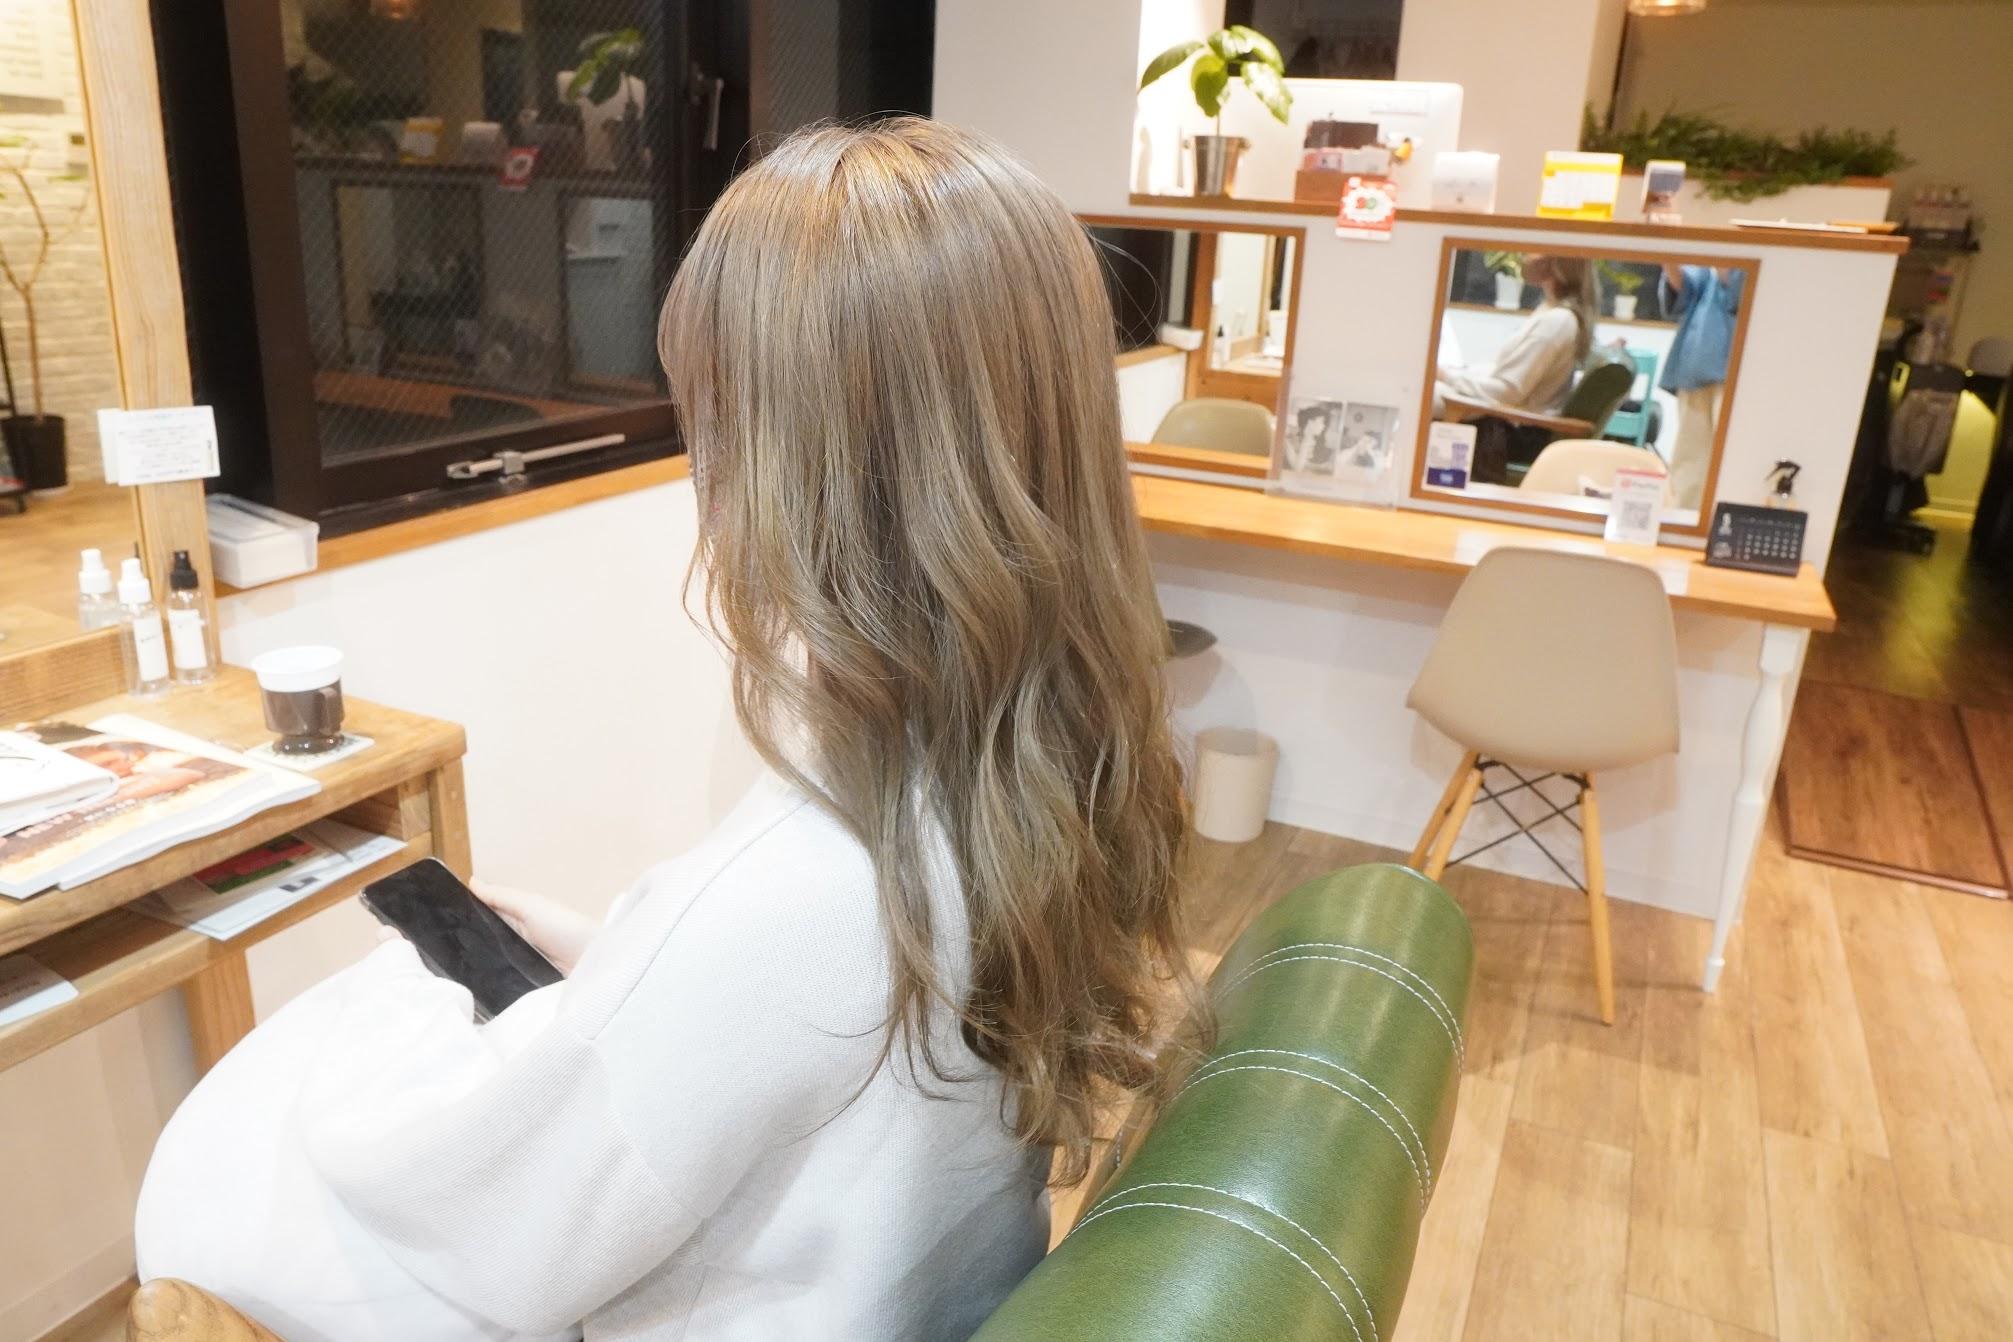 神戸美容室 三宮美容室 ダブルカラー ブリーチ1回 全体ブリーチ 全頭ブリーチ グレージュカラー ハイトーンカラー アディクシーカラー